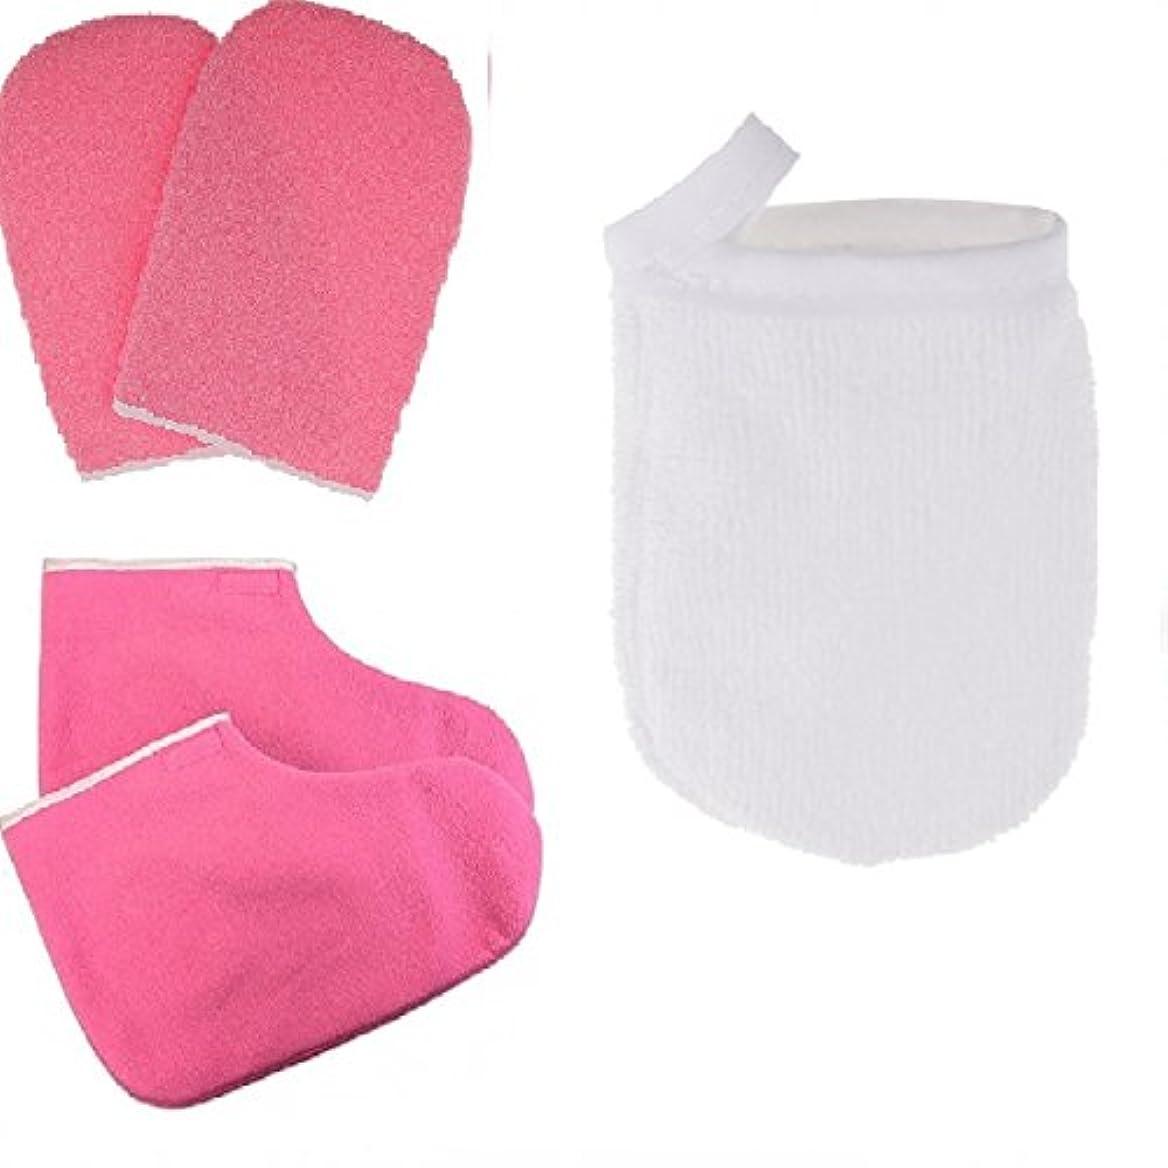 免疫寛大さのぞき見パラフィンワックス手袋 グローブ 保護手袋 クレンジンググローブ メイクリムーバー パッド